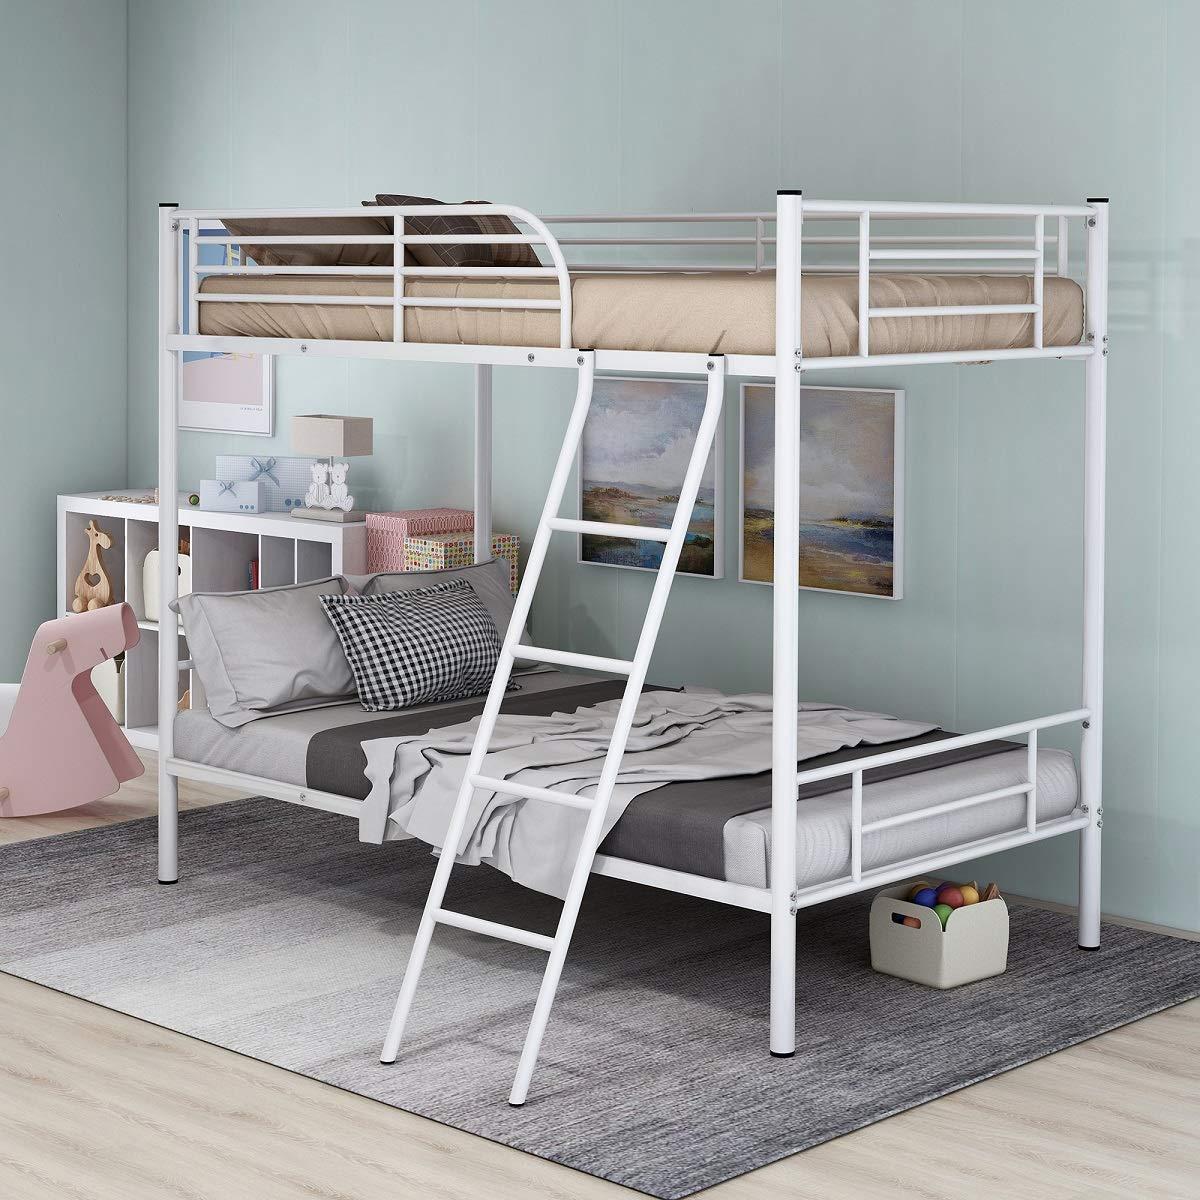 Rhomtree - Litera Doble de Metal con Escalera y barandilla, Ideal para Adultos y niños, Adolescentes: Amazon.es: Hogar